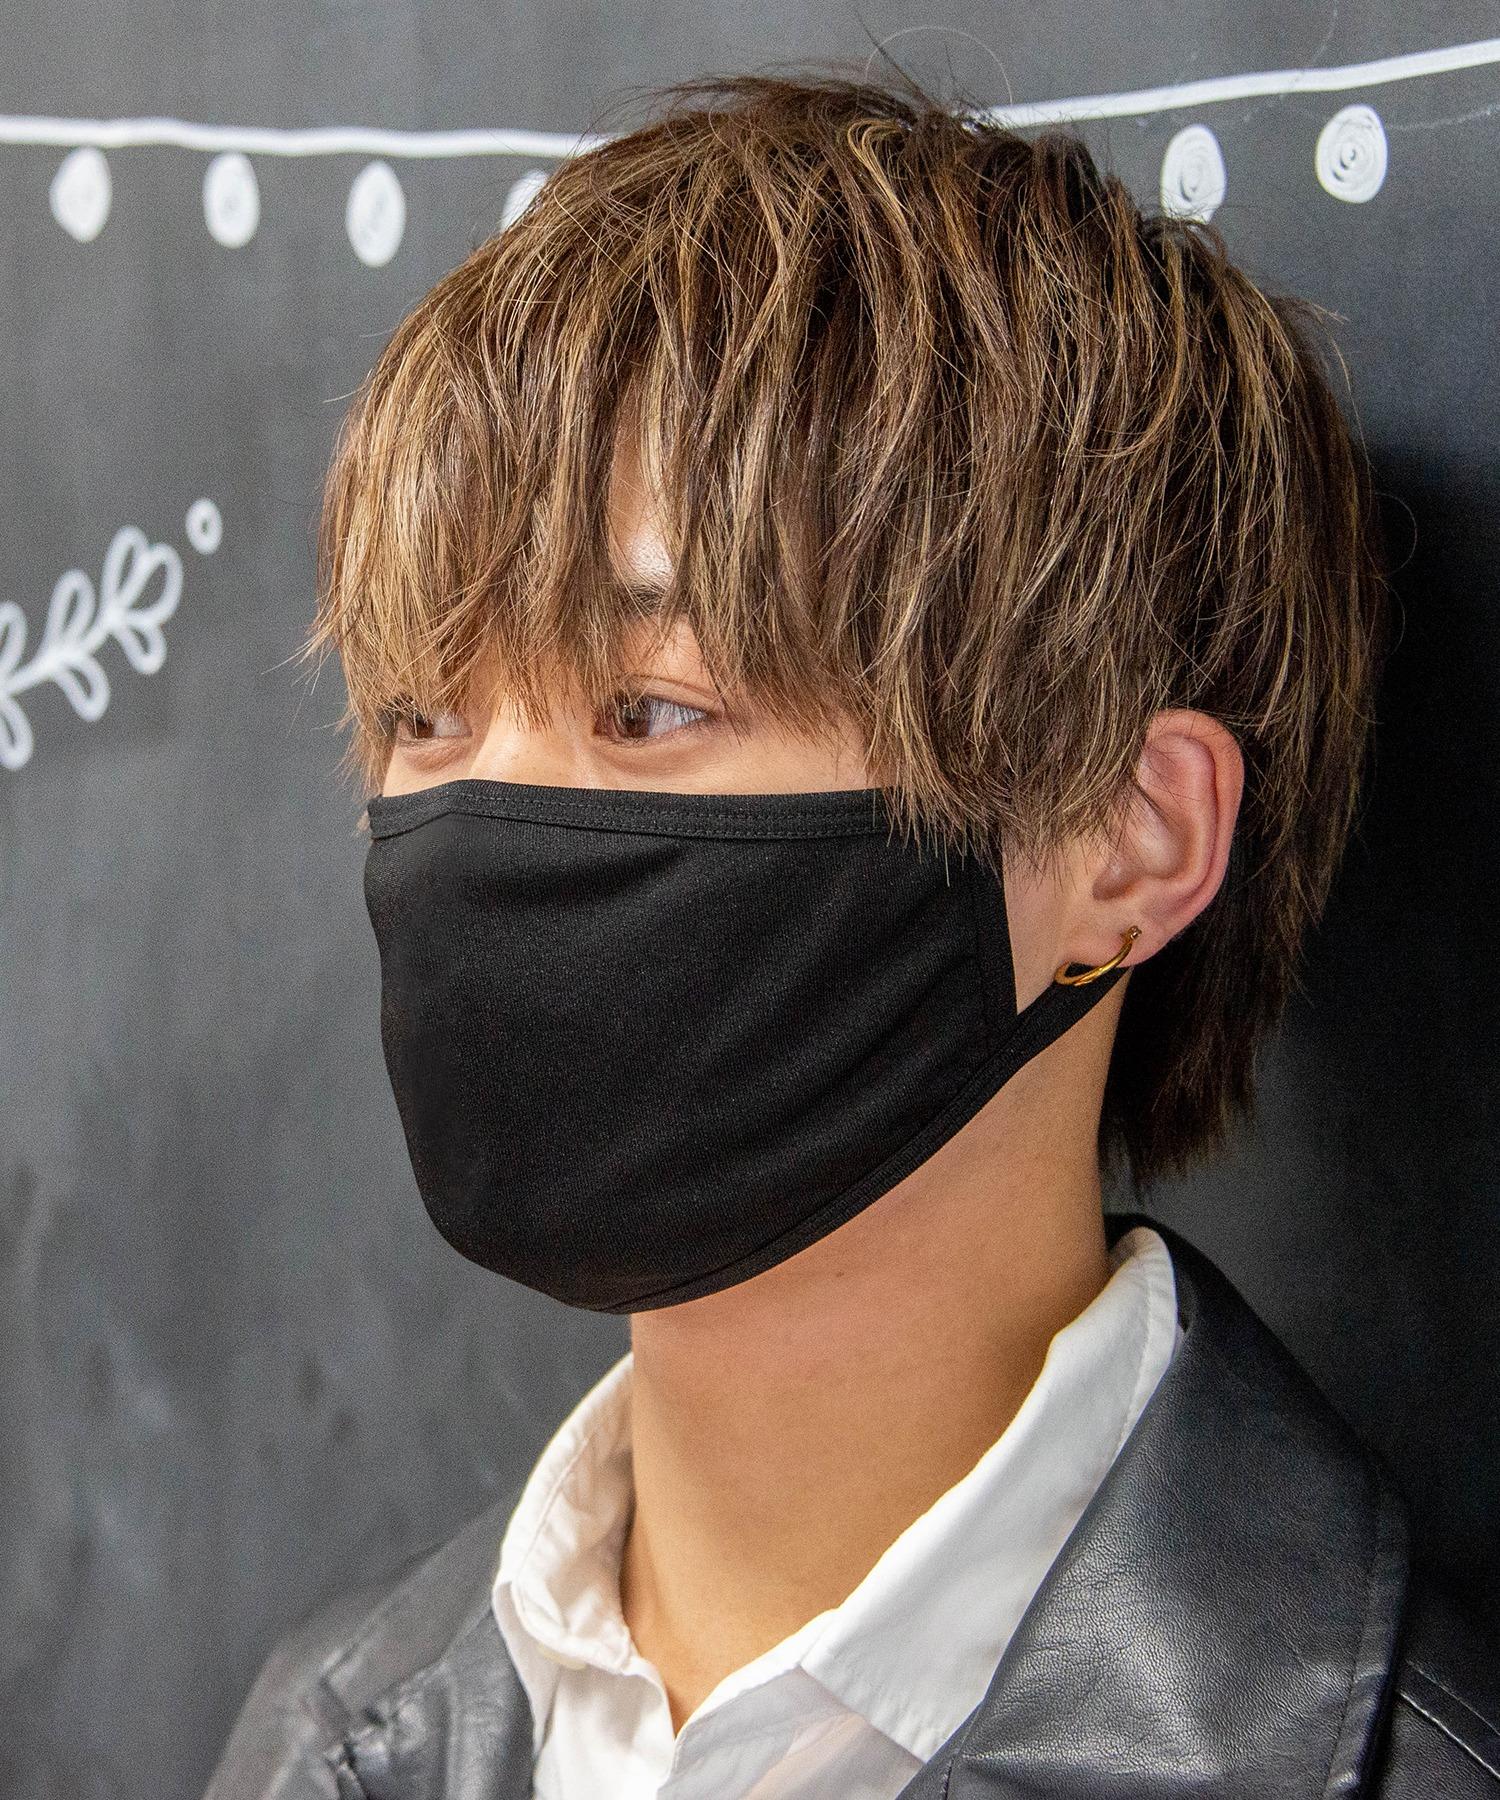 【即納】洗えるマスク 3枚セット 繰り返し洗える水着素材 速乾性夏用マスク<冷感>